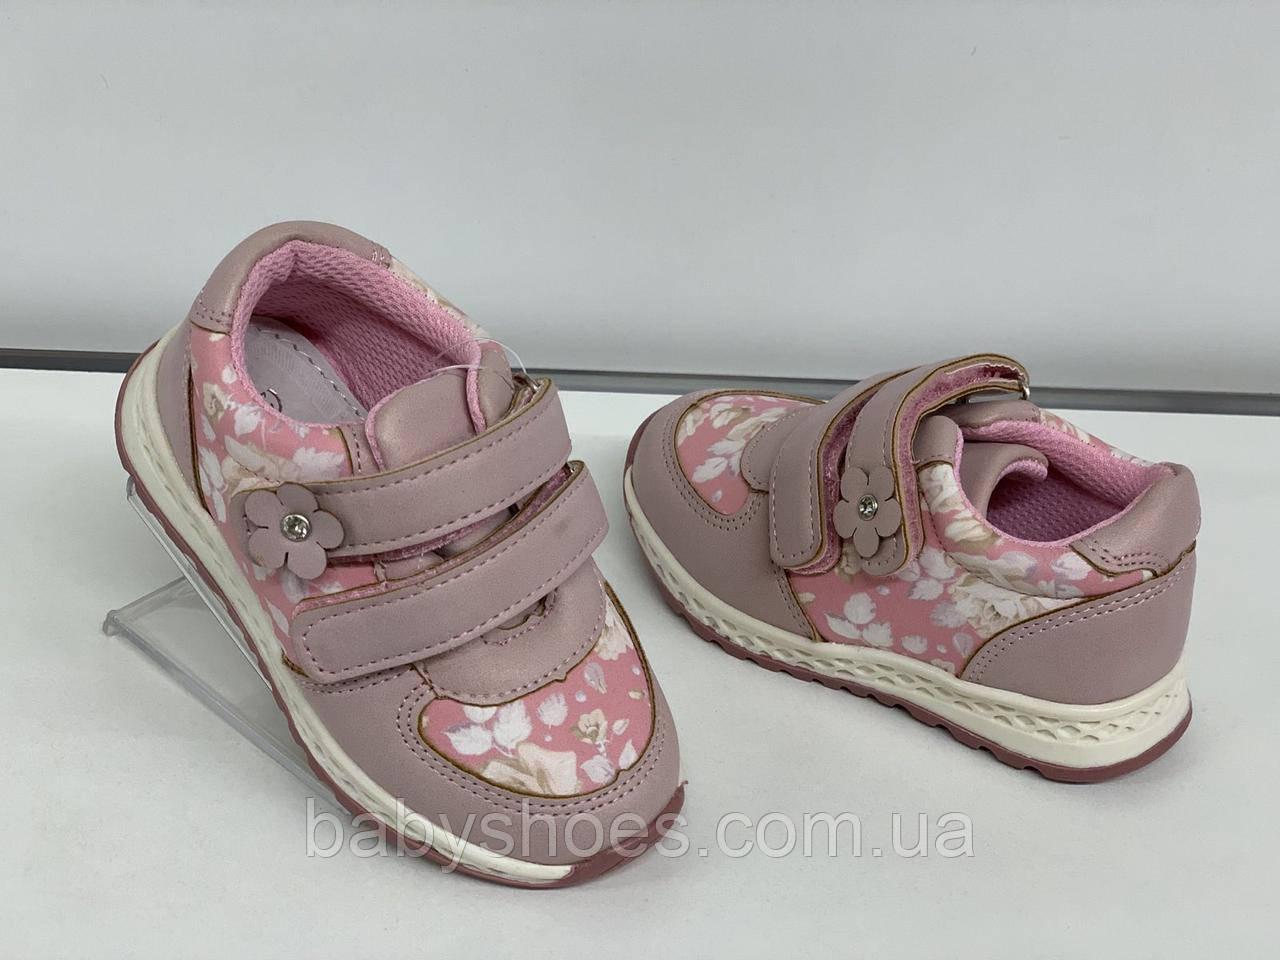 Кроссовки для девочки Clibee р. 21-32 КД-127 КД-128